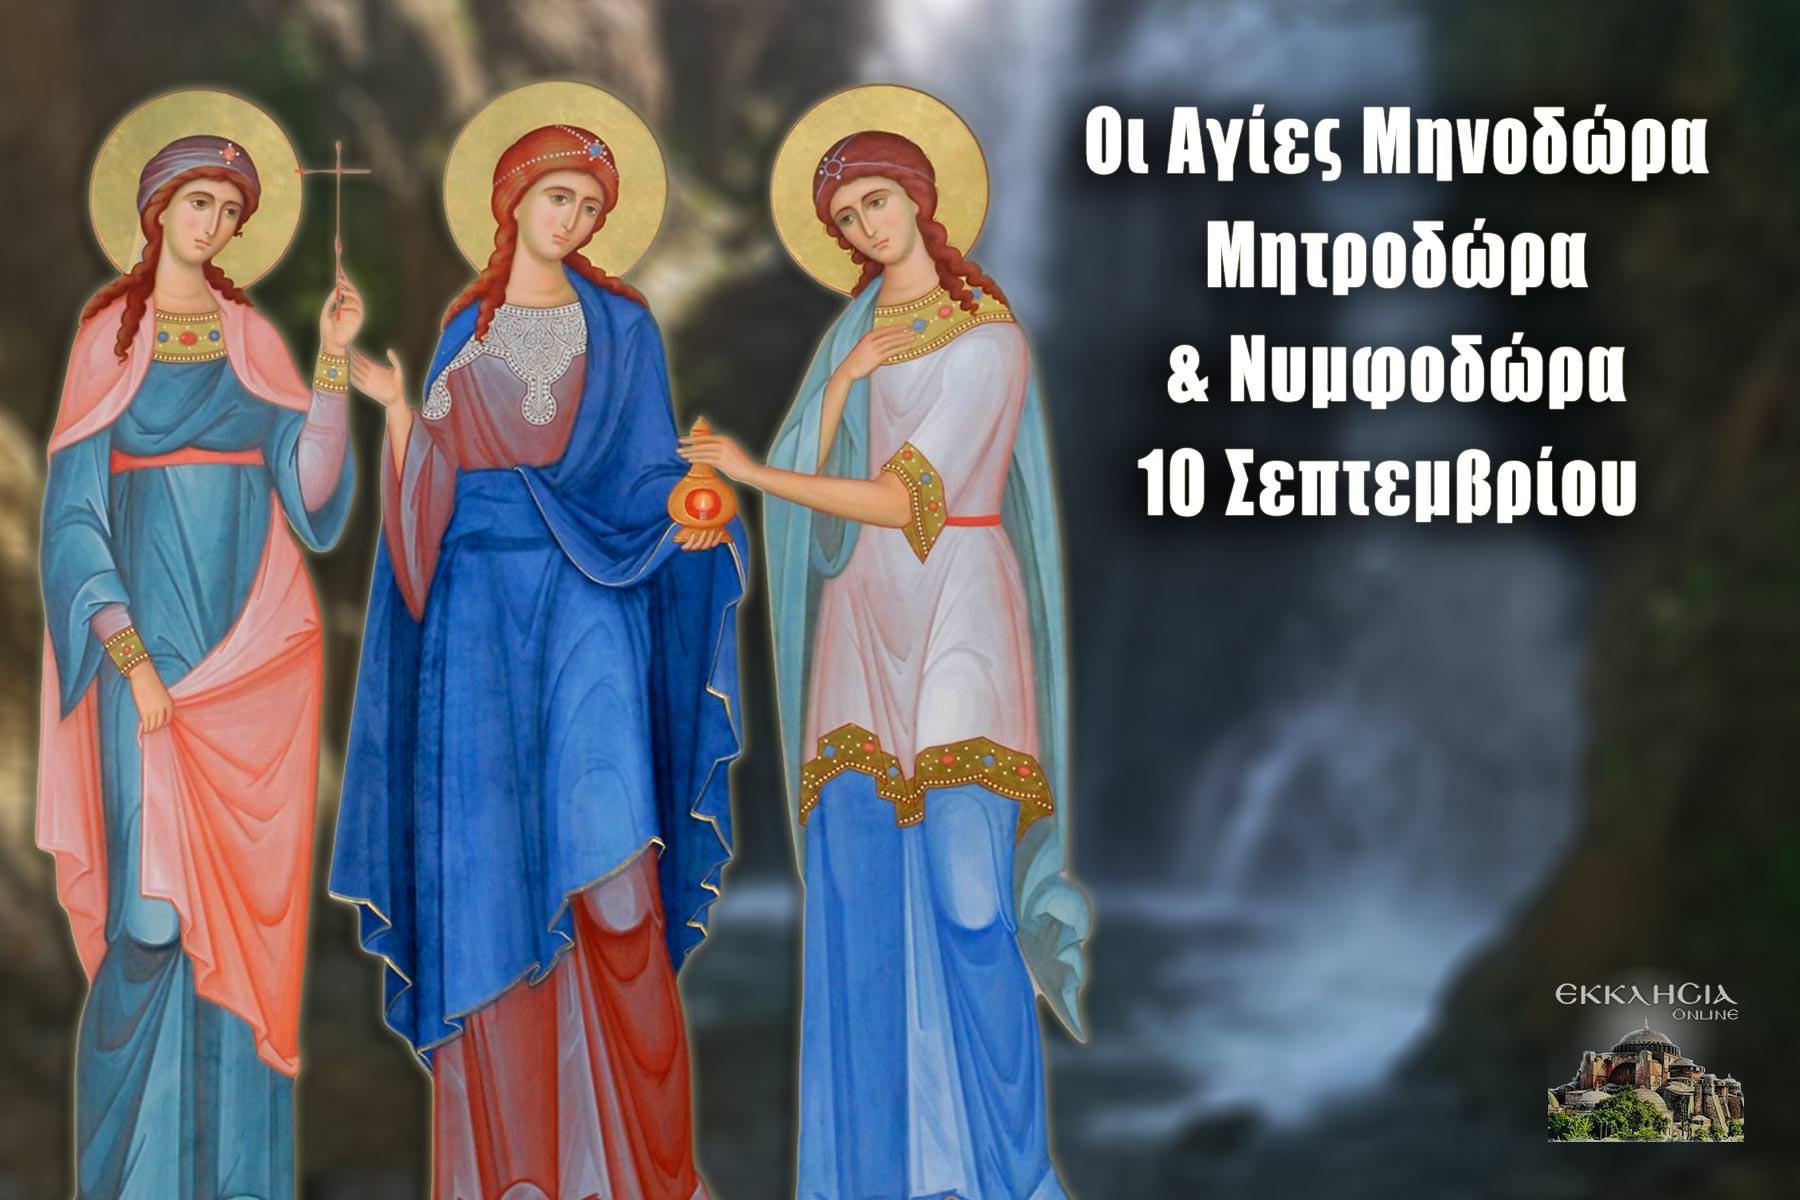 Αγίες Μηνοδώρα Μητροδώρα Νυμφοδώρα 10 Σεπτεμβρίου